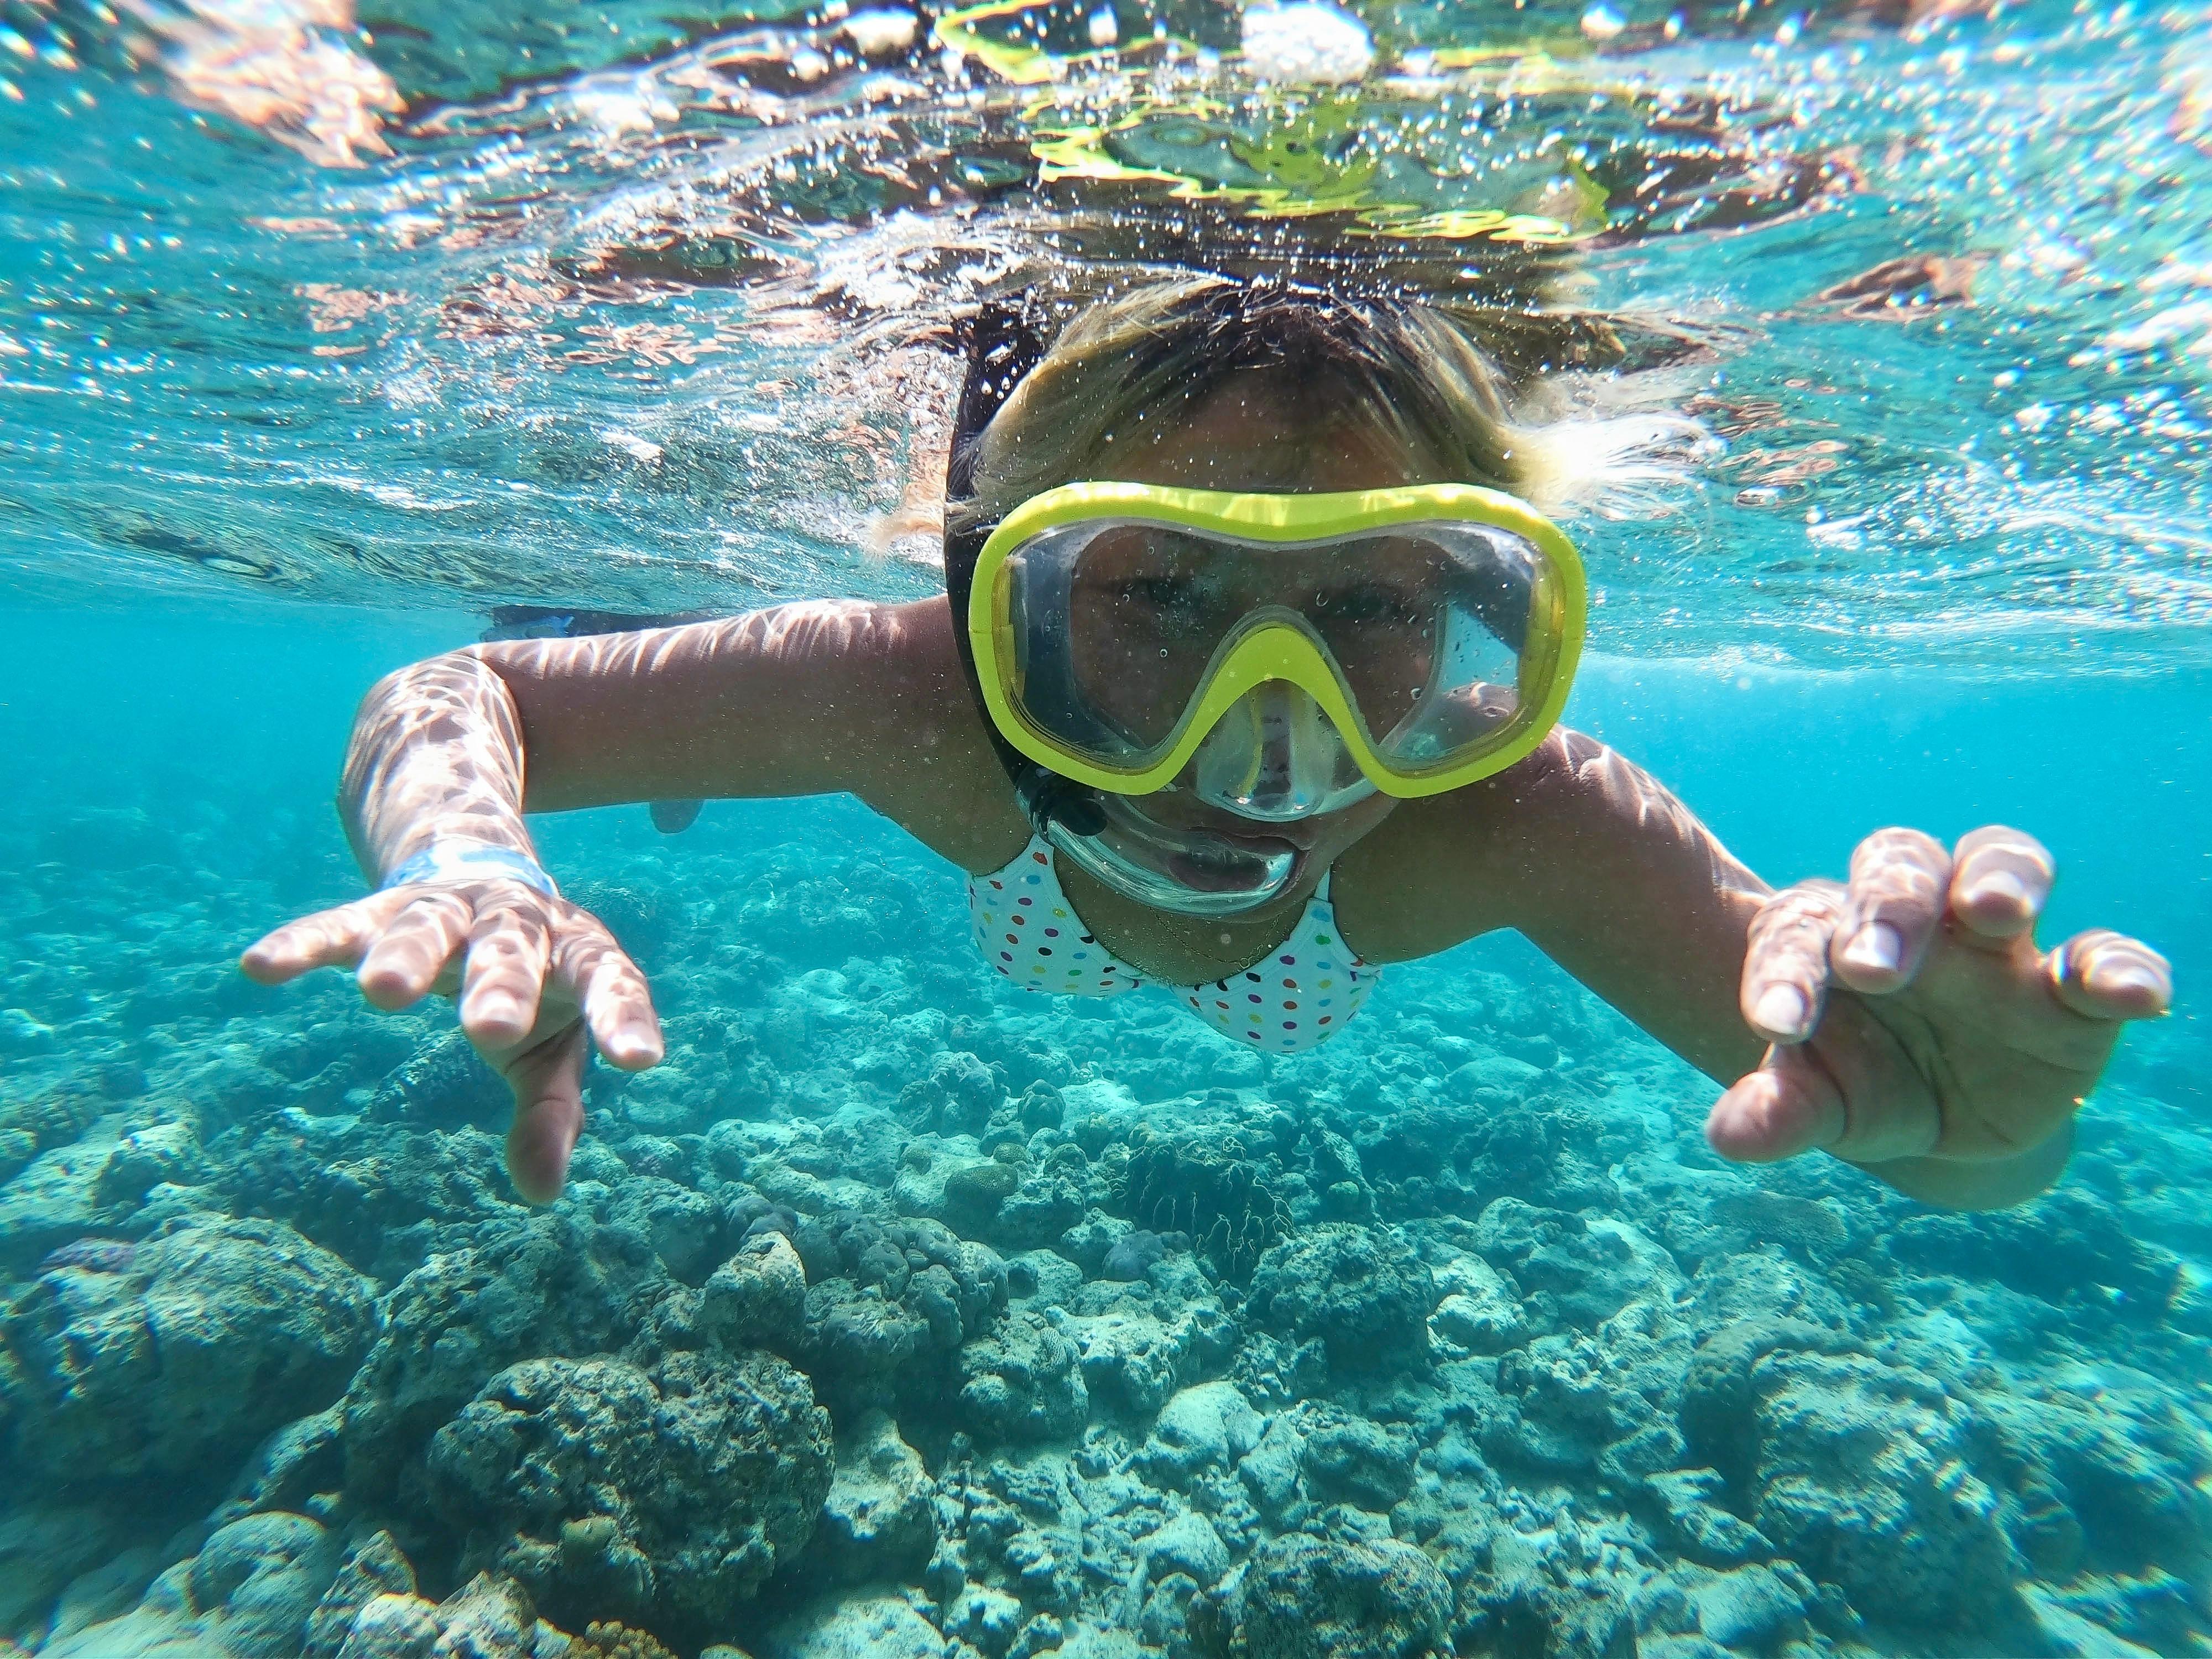 1563448809_snorkeling3.jpg